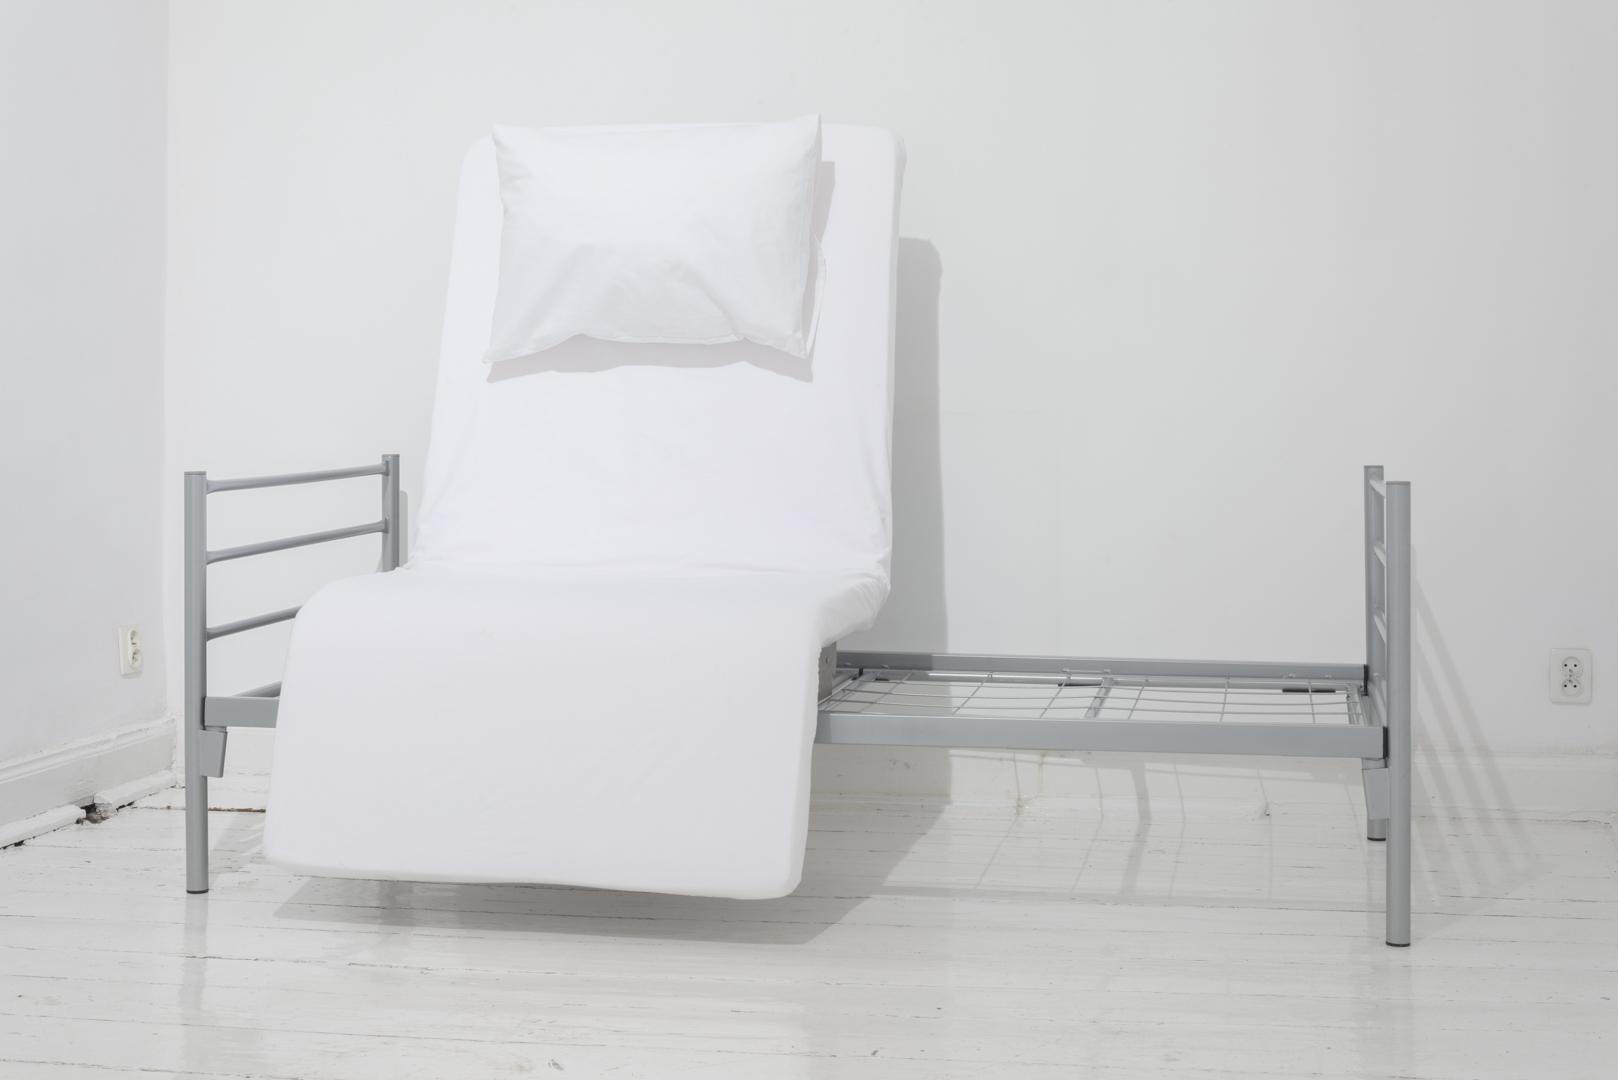 Katarzyna Malejka, Łóżko, obiekt, metalowe łóżko, materac zpianki tapicerskiej, tkanina, 200 x 90 x 140 cm, 2016